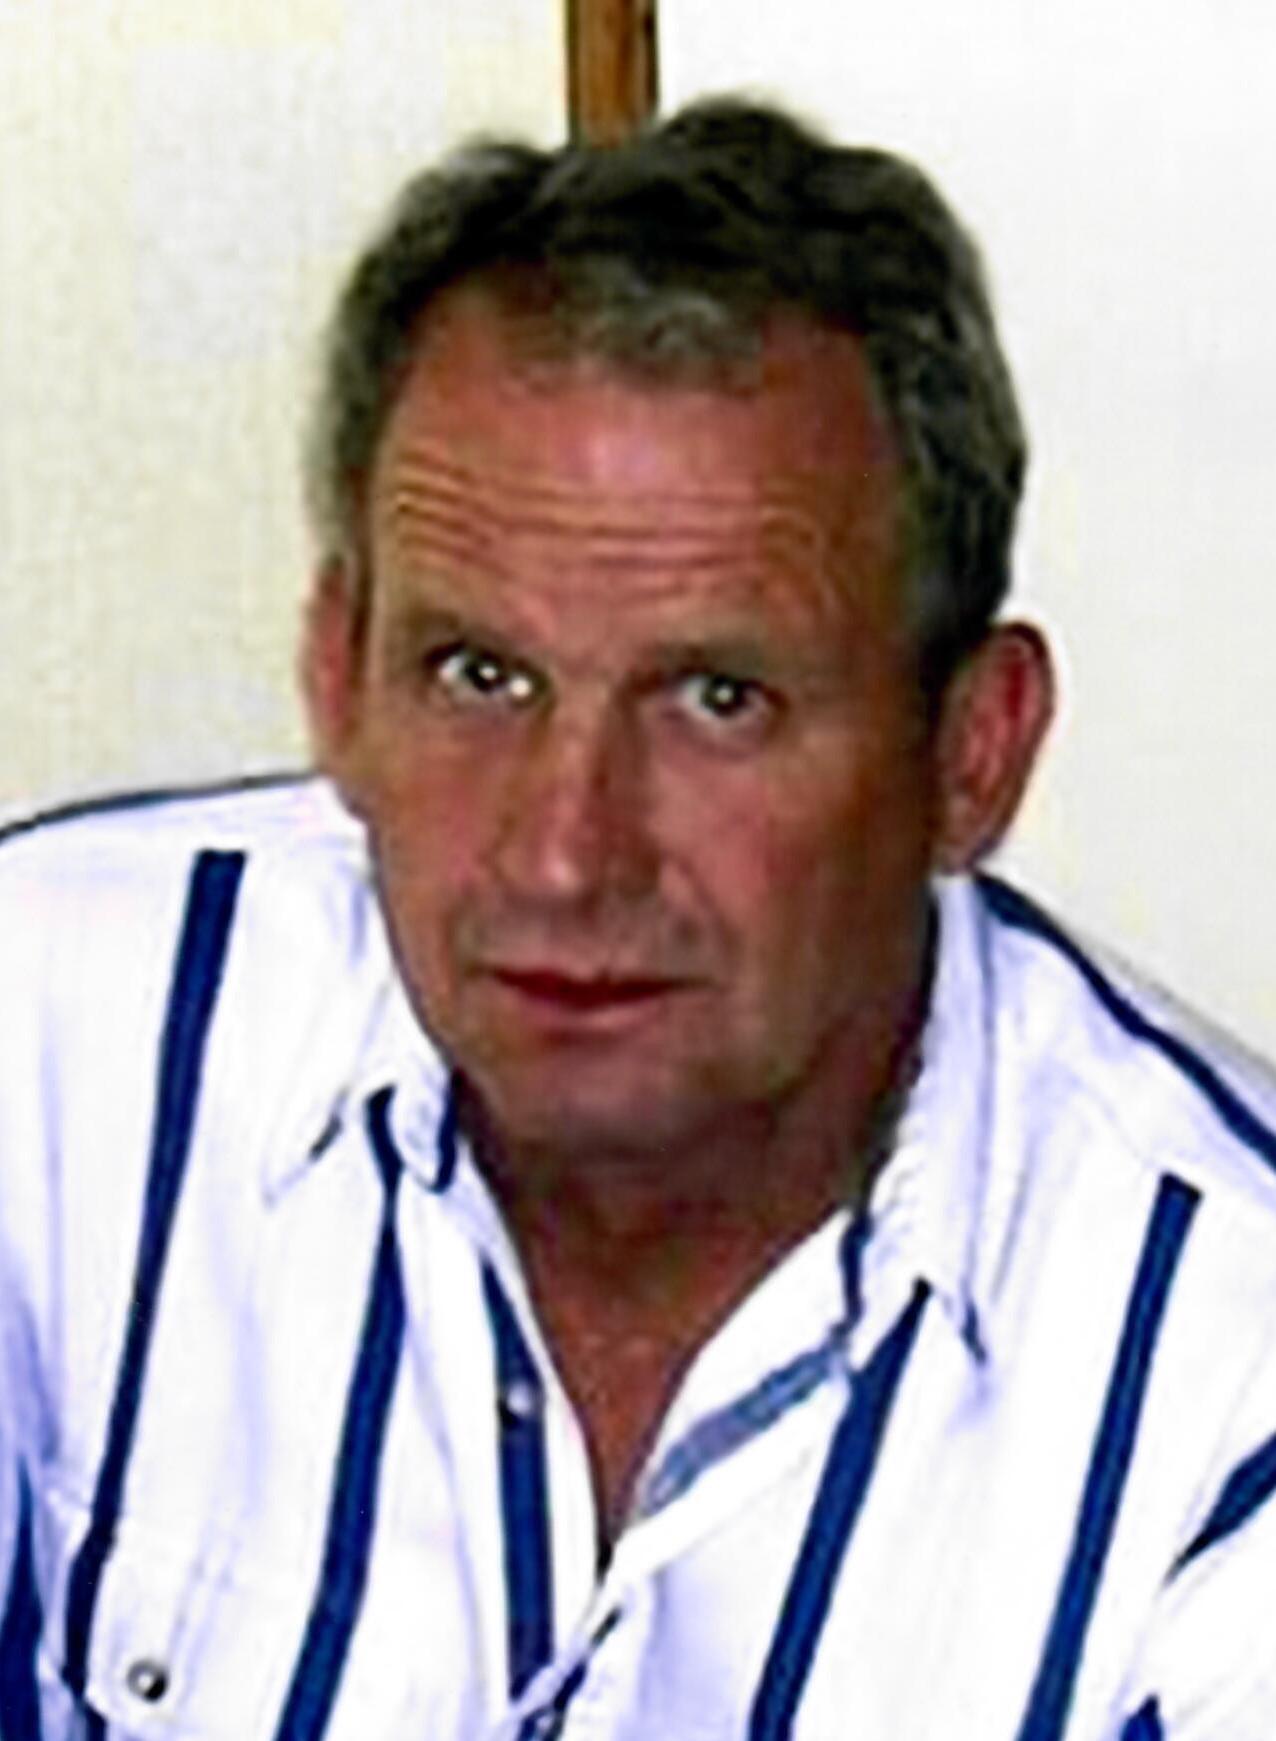 Terry Wayne Gollihugh